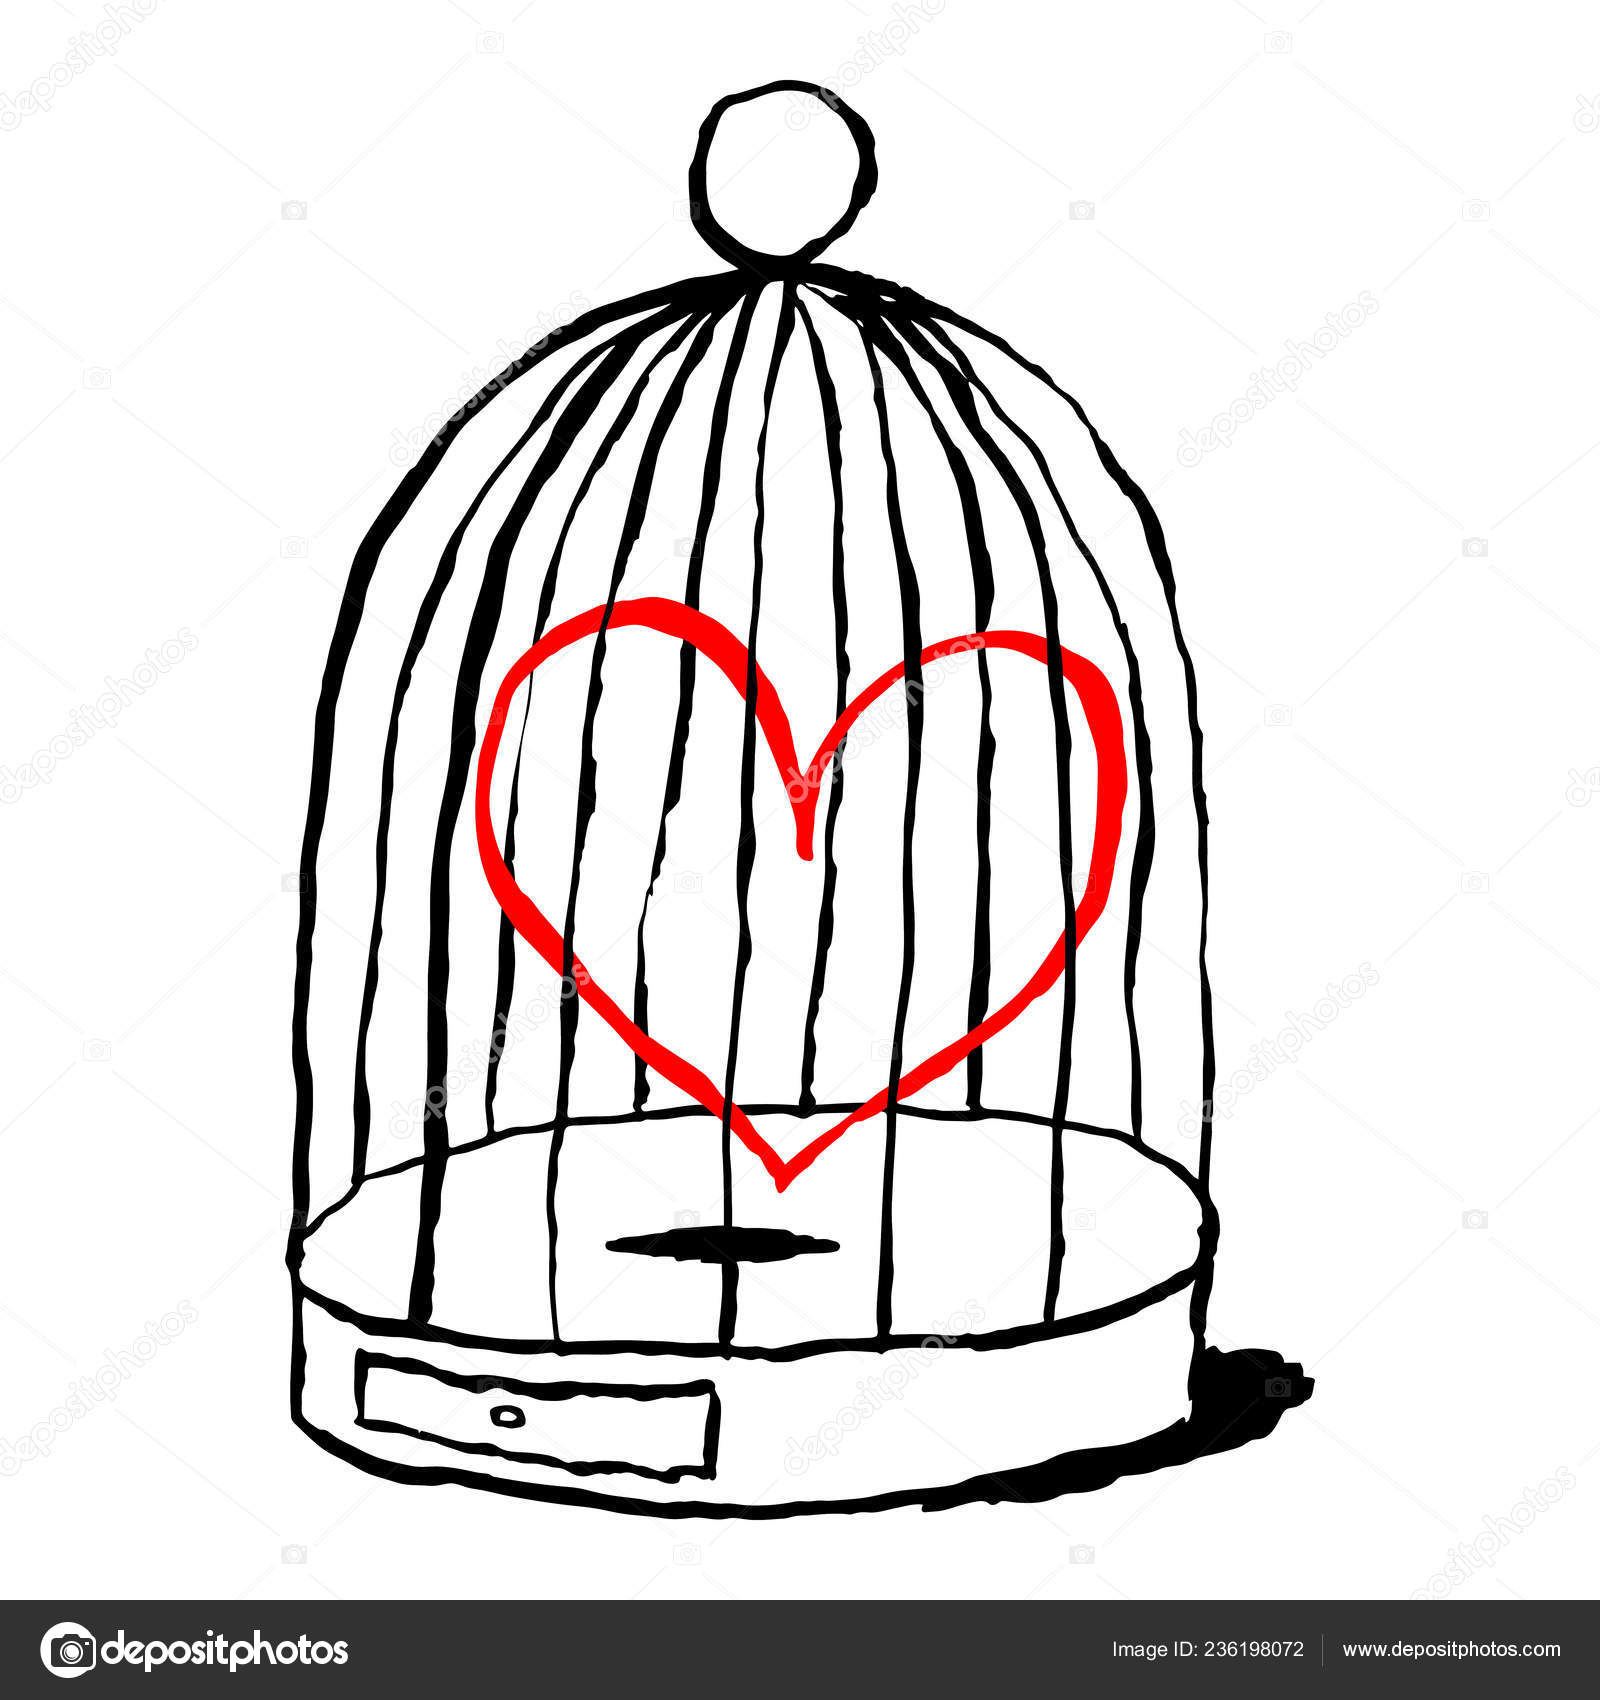 Rotes Herz Ist Traurig Vogel Kafig Isoliert Auf Weissem Hintergrund